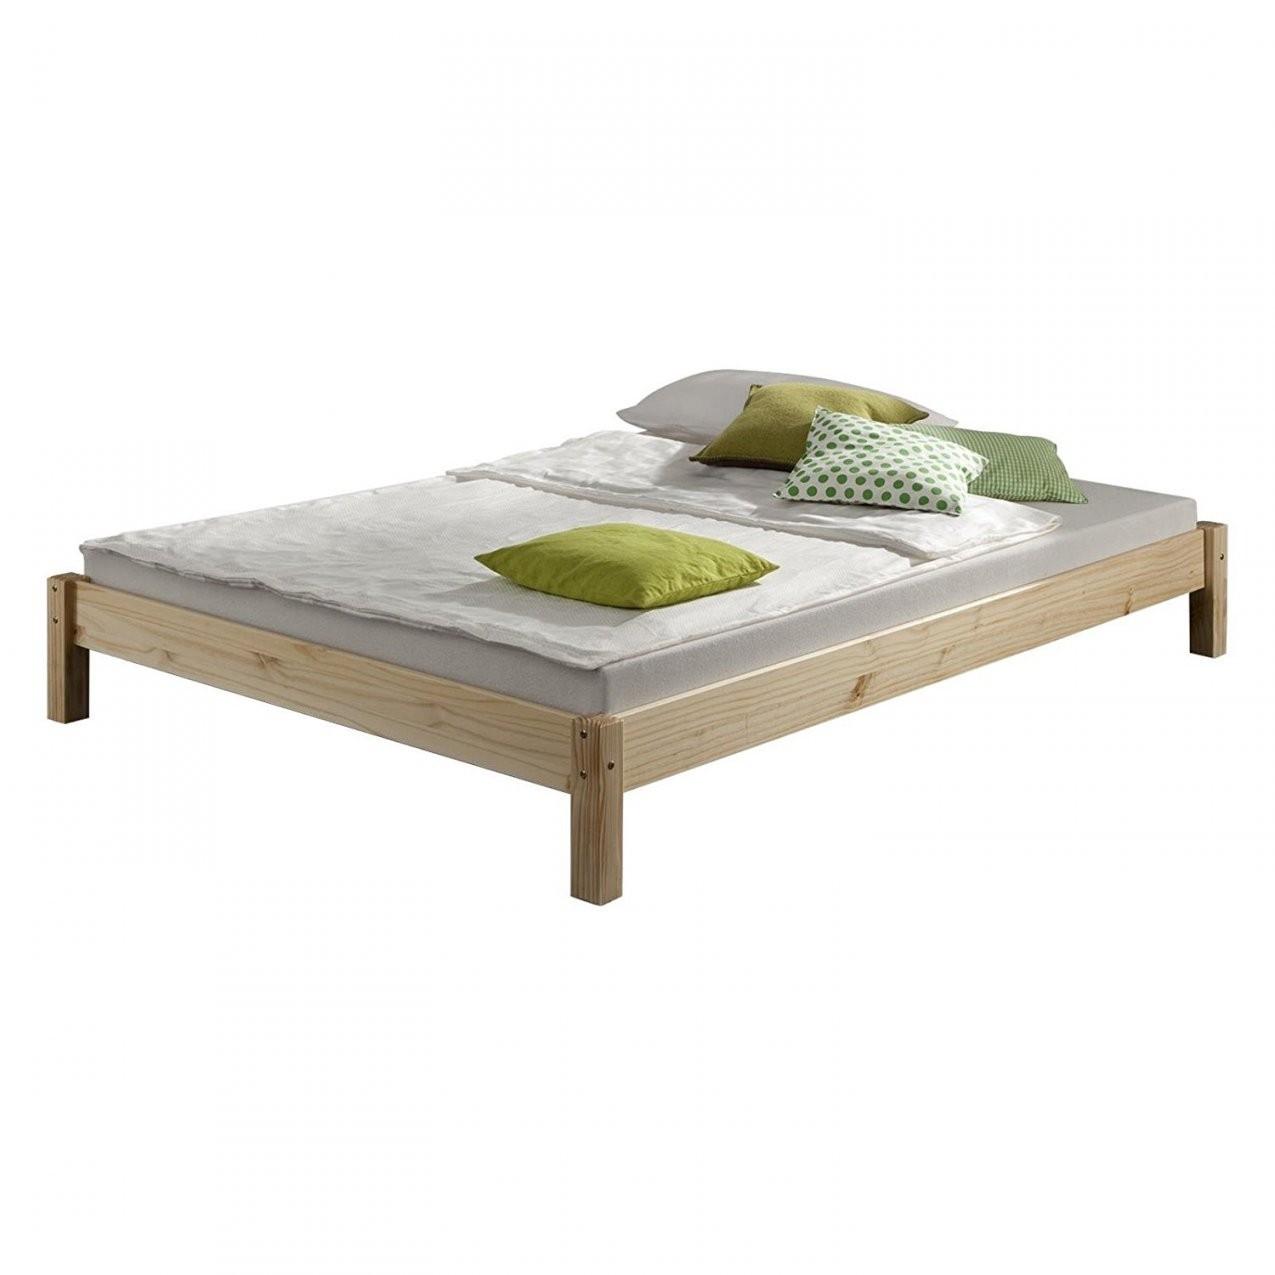 Futonbett 140X200 Holz Bettgestelle Metallbetten Im Rollert Weis von Bett Weiß 140X200 Holz Bild